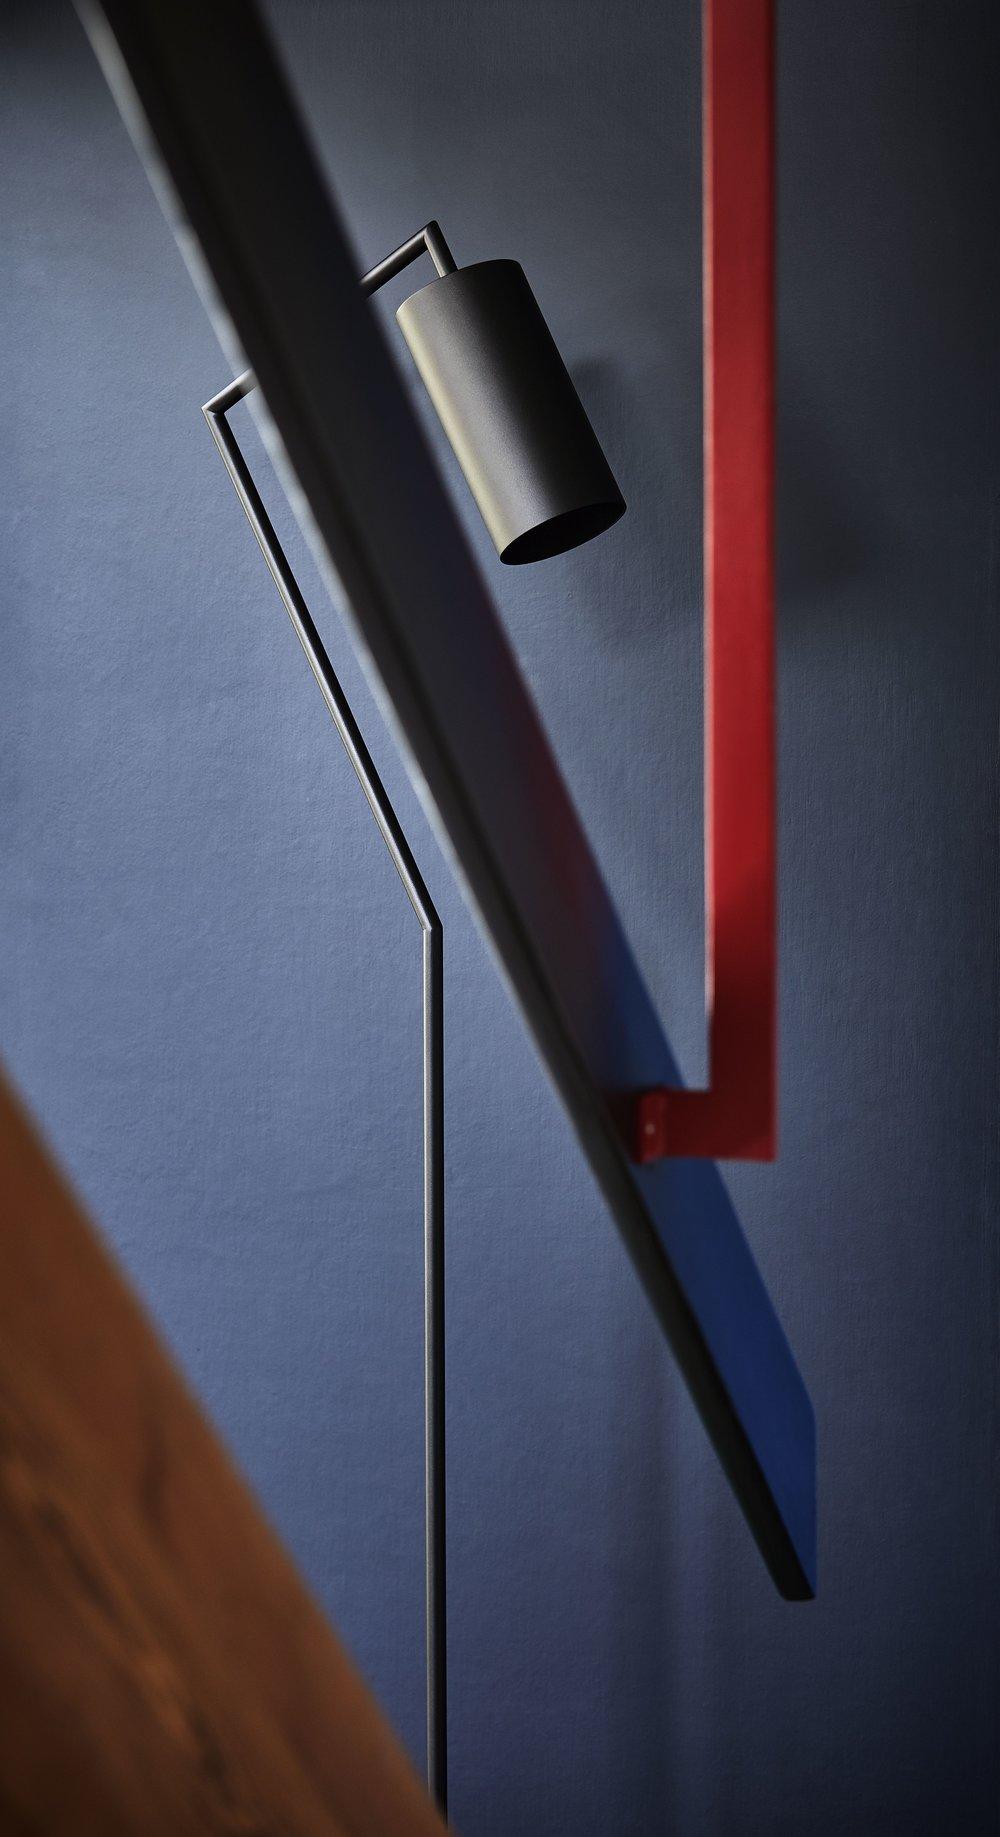 Droid-floorlamp-rewired.jpg